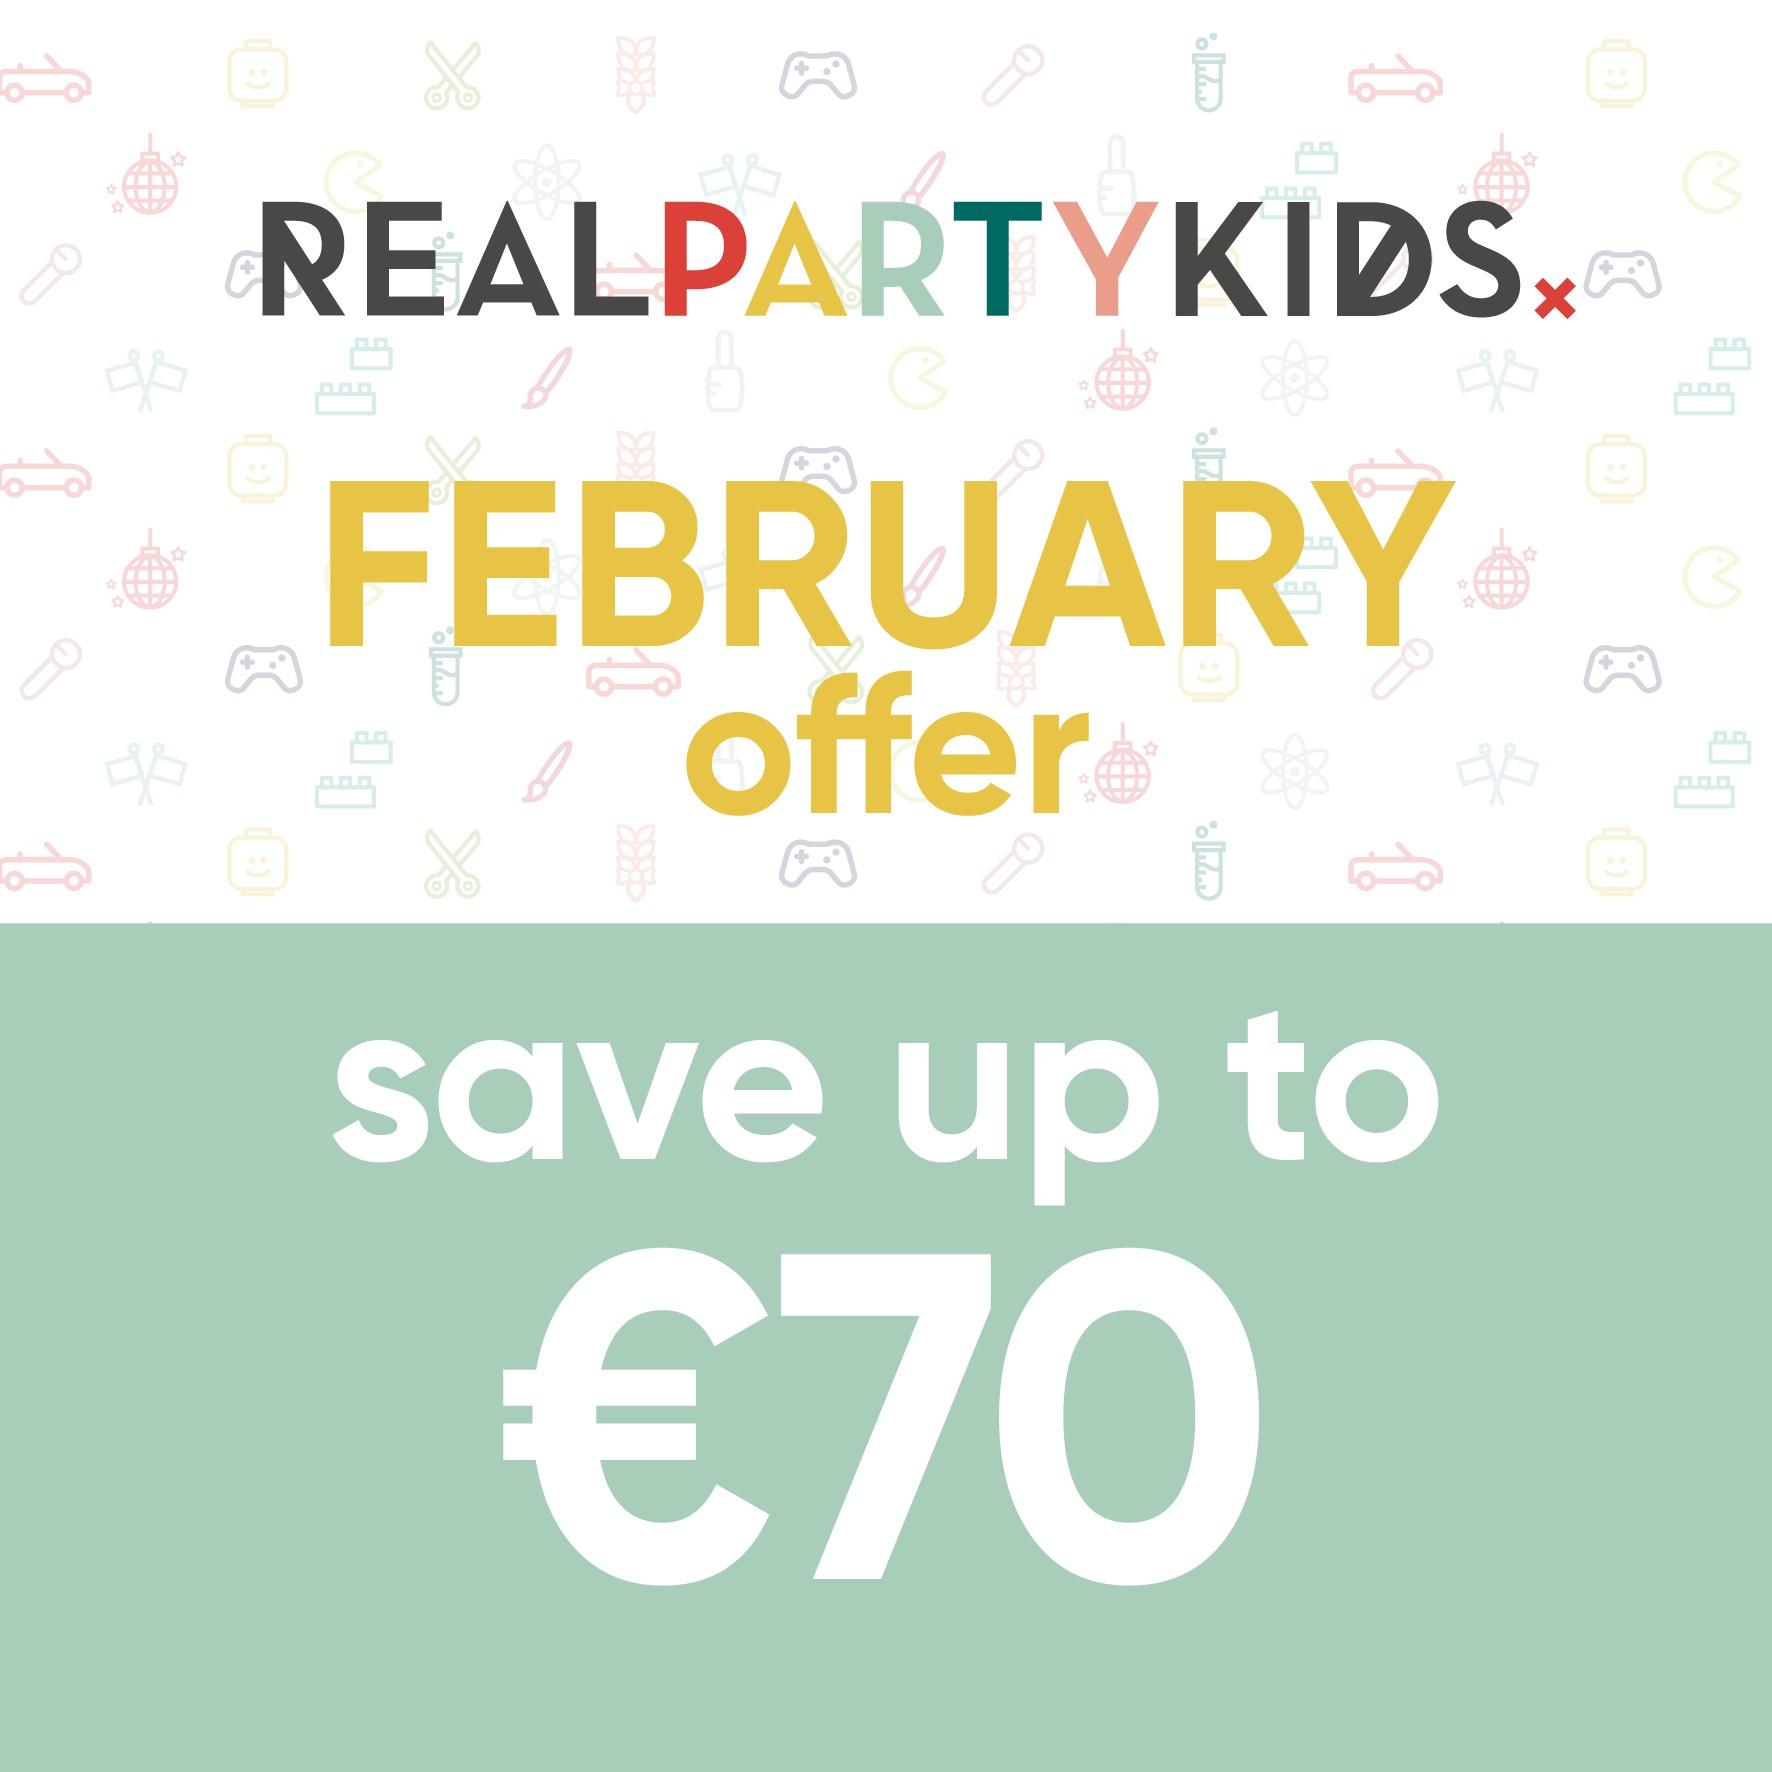 REALPARTYKIDSx Facebook Banner Ad Design